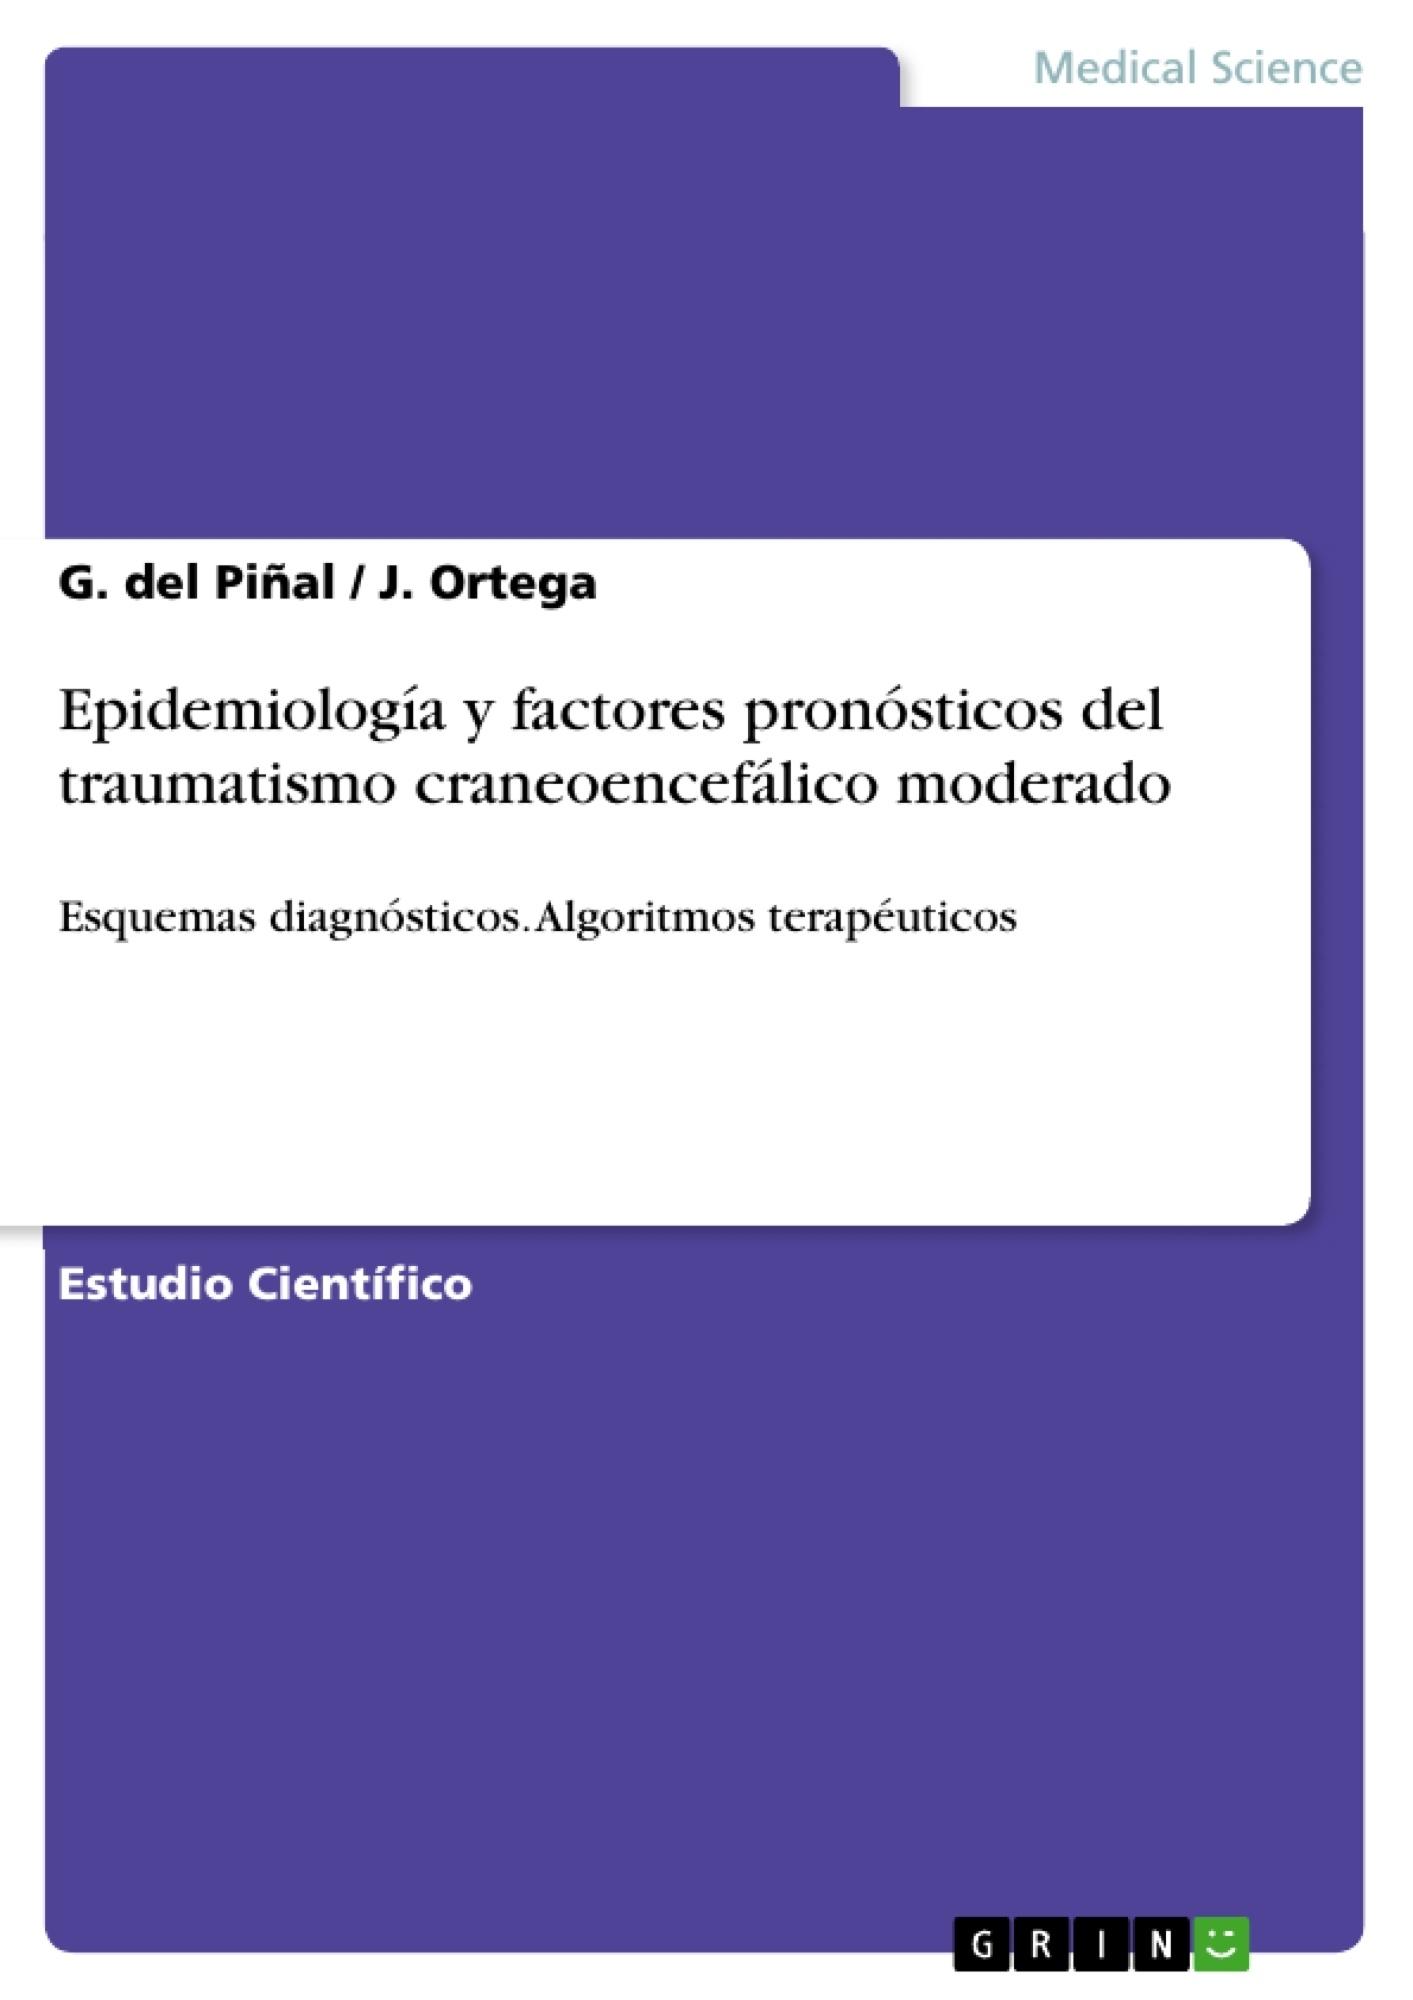 Título: Epidemiología y factores pronósticos del traumatismo craneoencefálico moderado